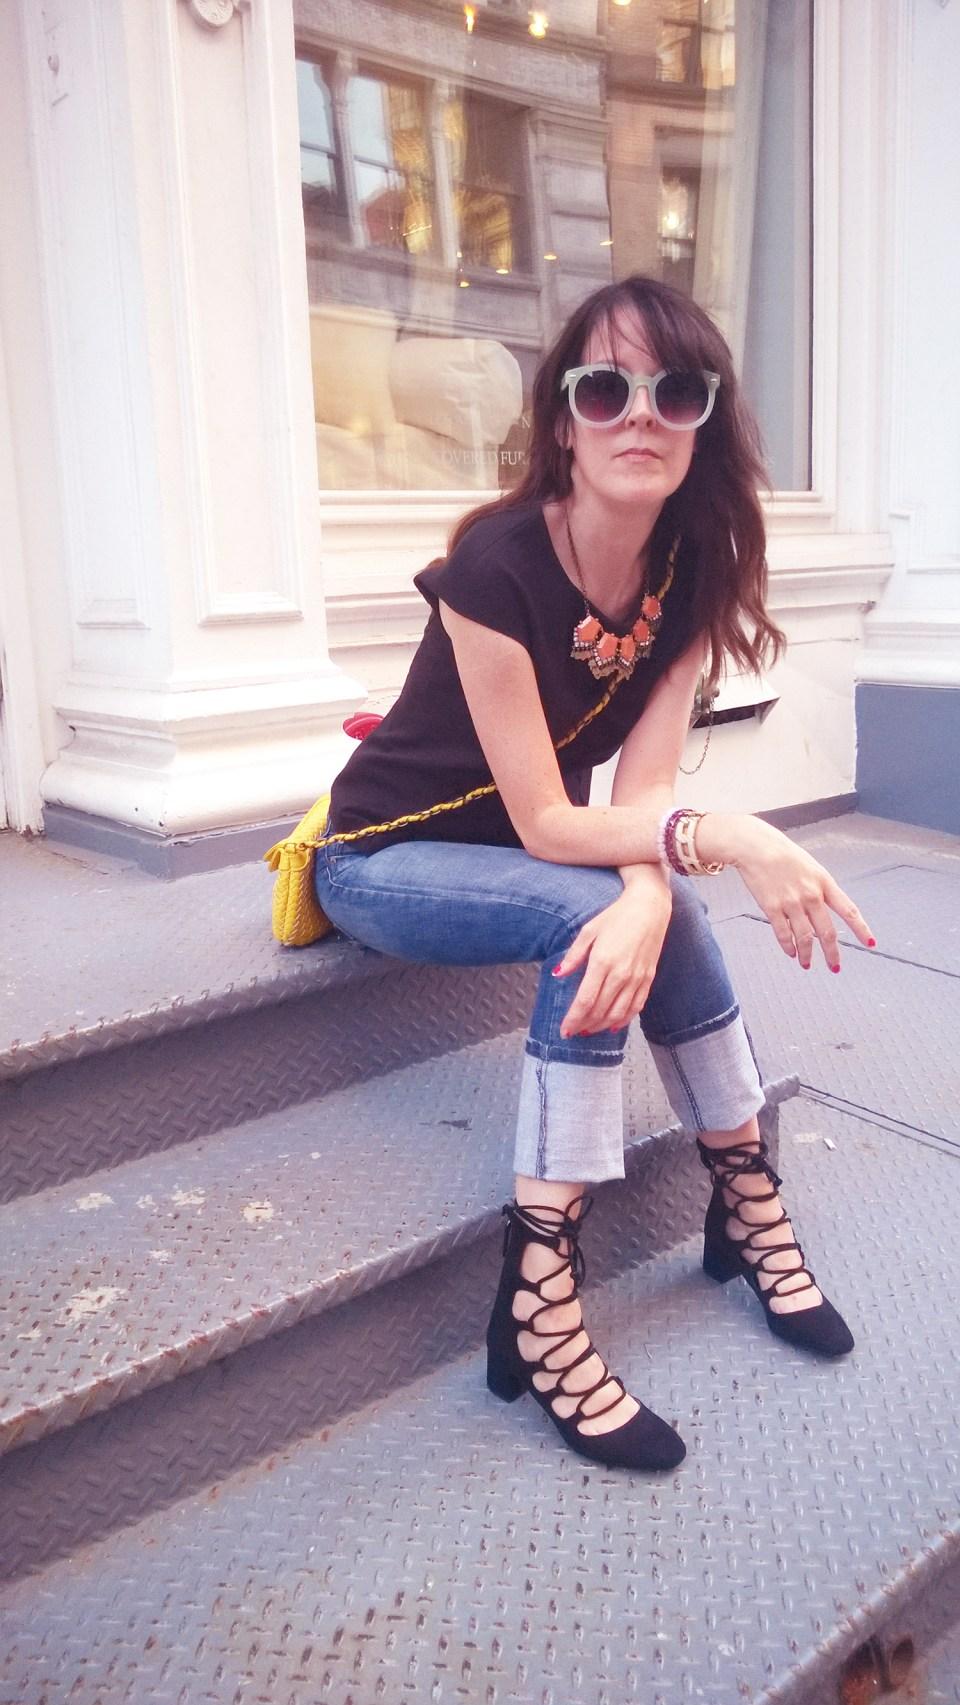 Zara-laceup-shoes